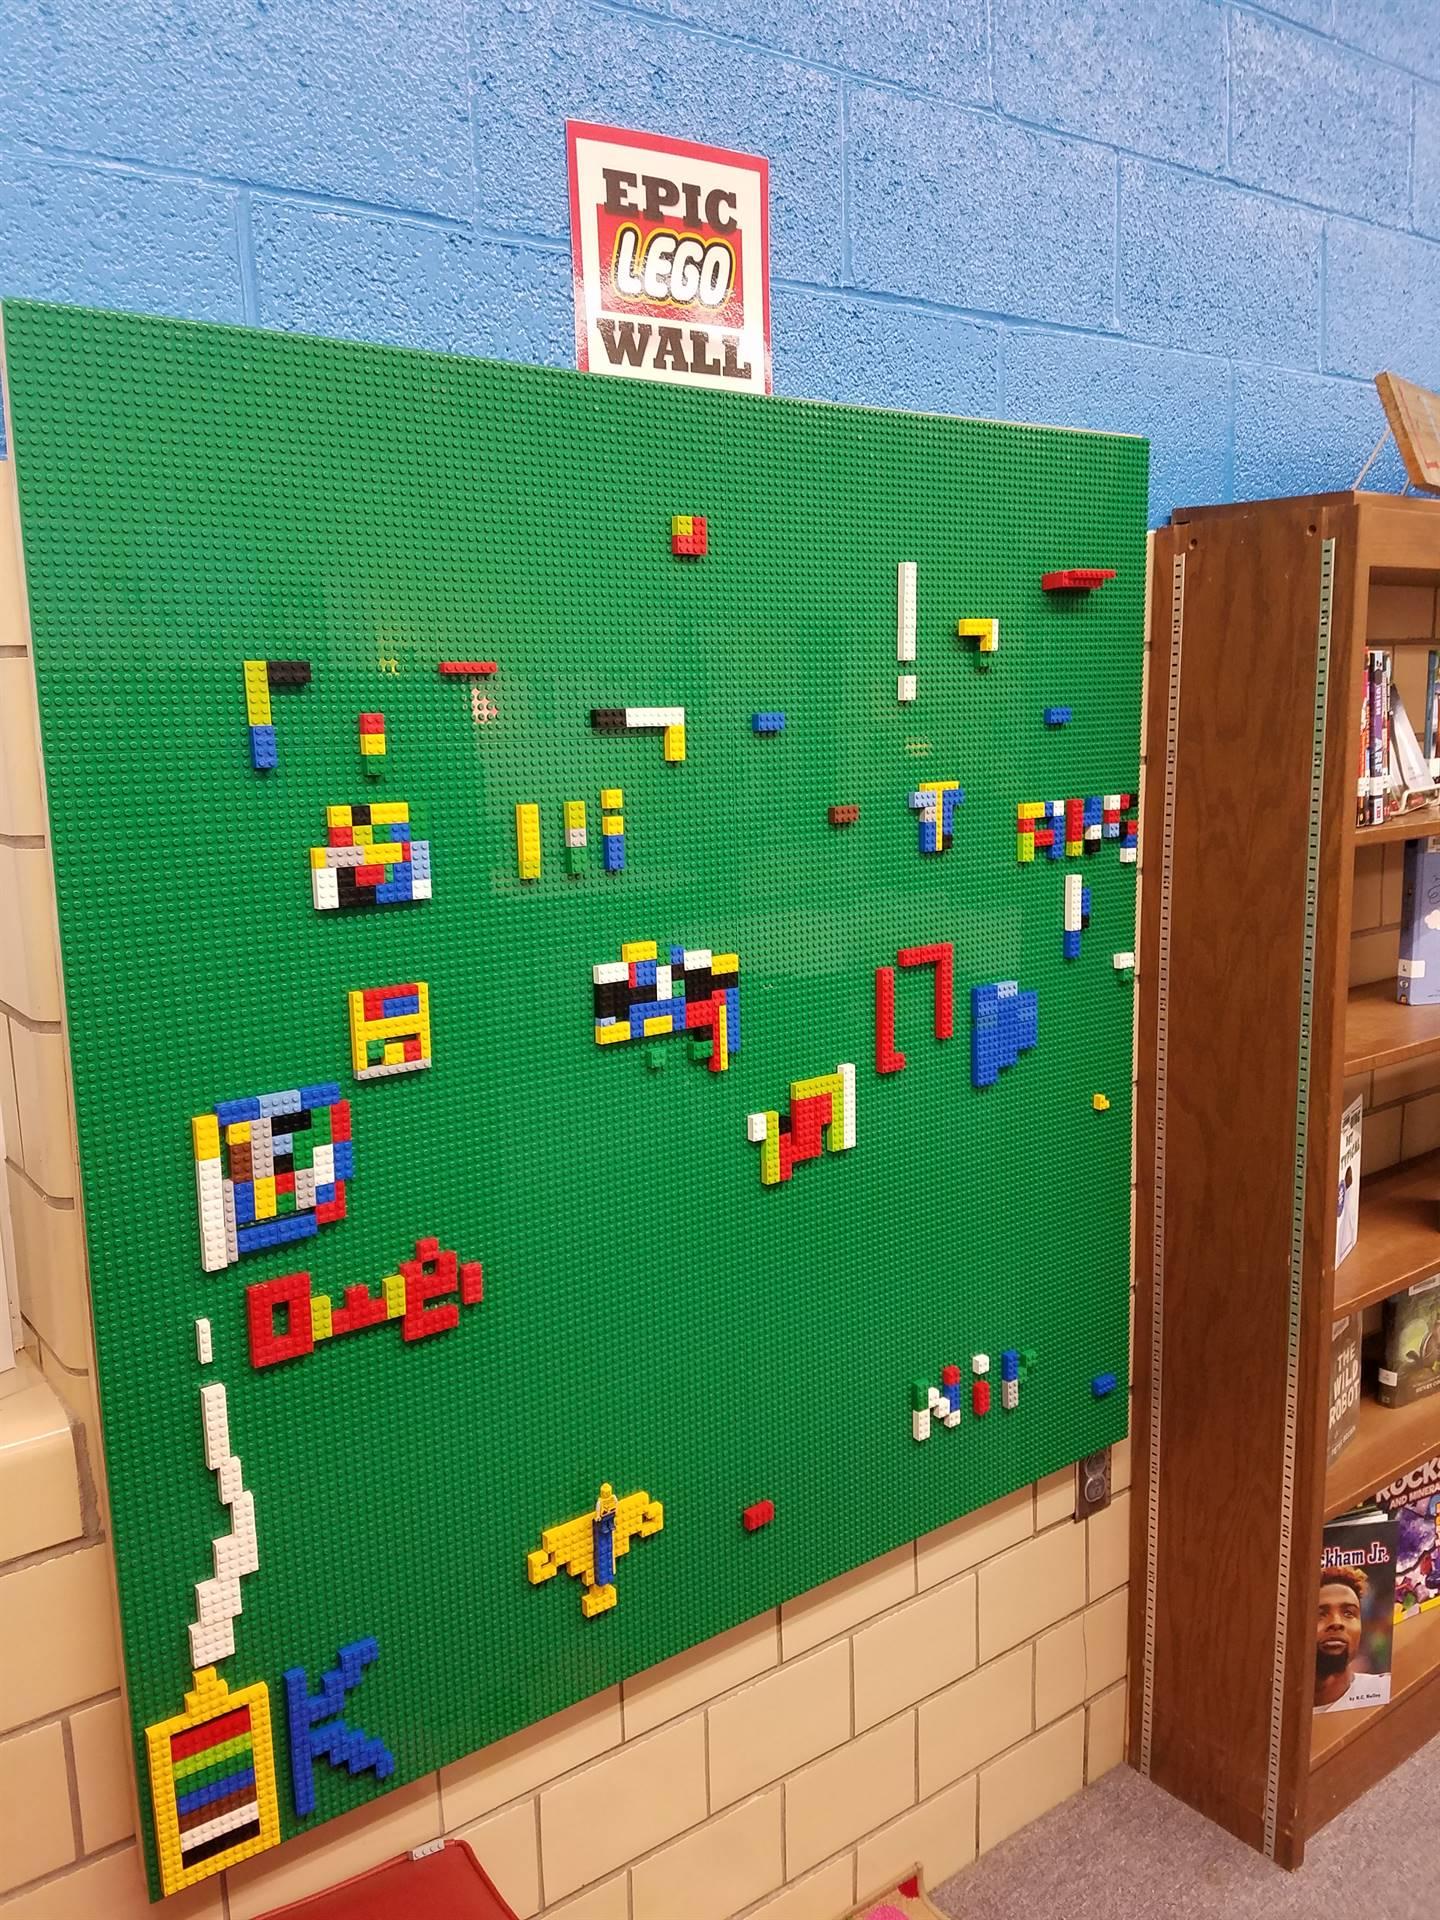 EPIC Lego Wall